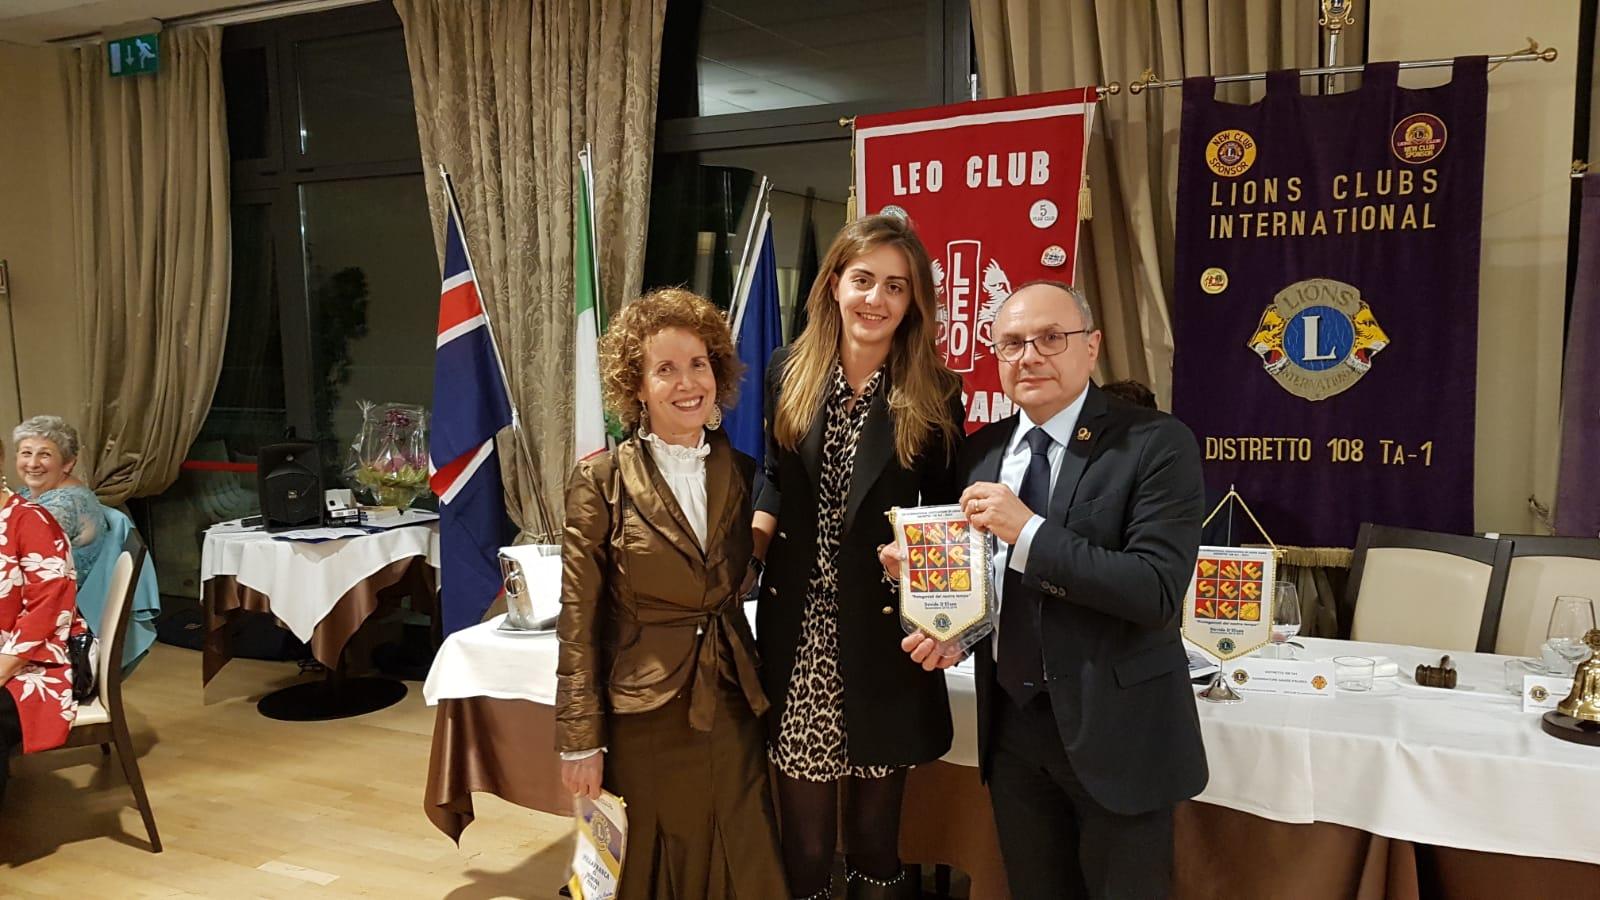 Visita del governatore Davide D'Eliseo  al Leo Club. (9 ottobre 2018) Omaggio del guidoncino del governatore alla presidente Sofia Manara.